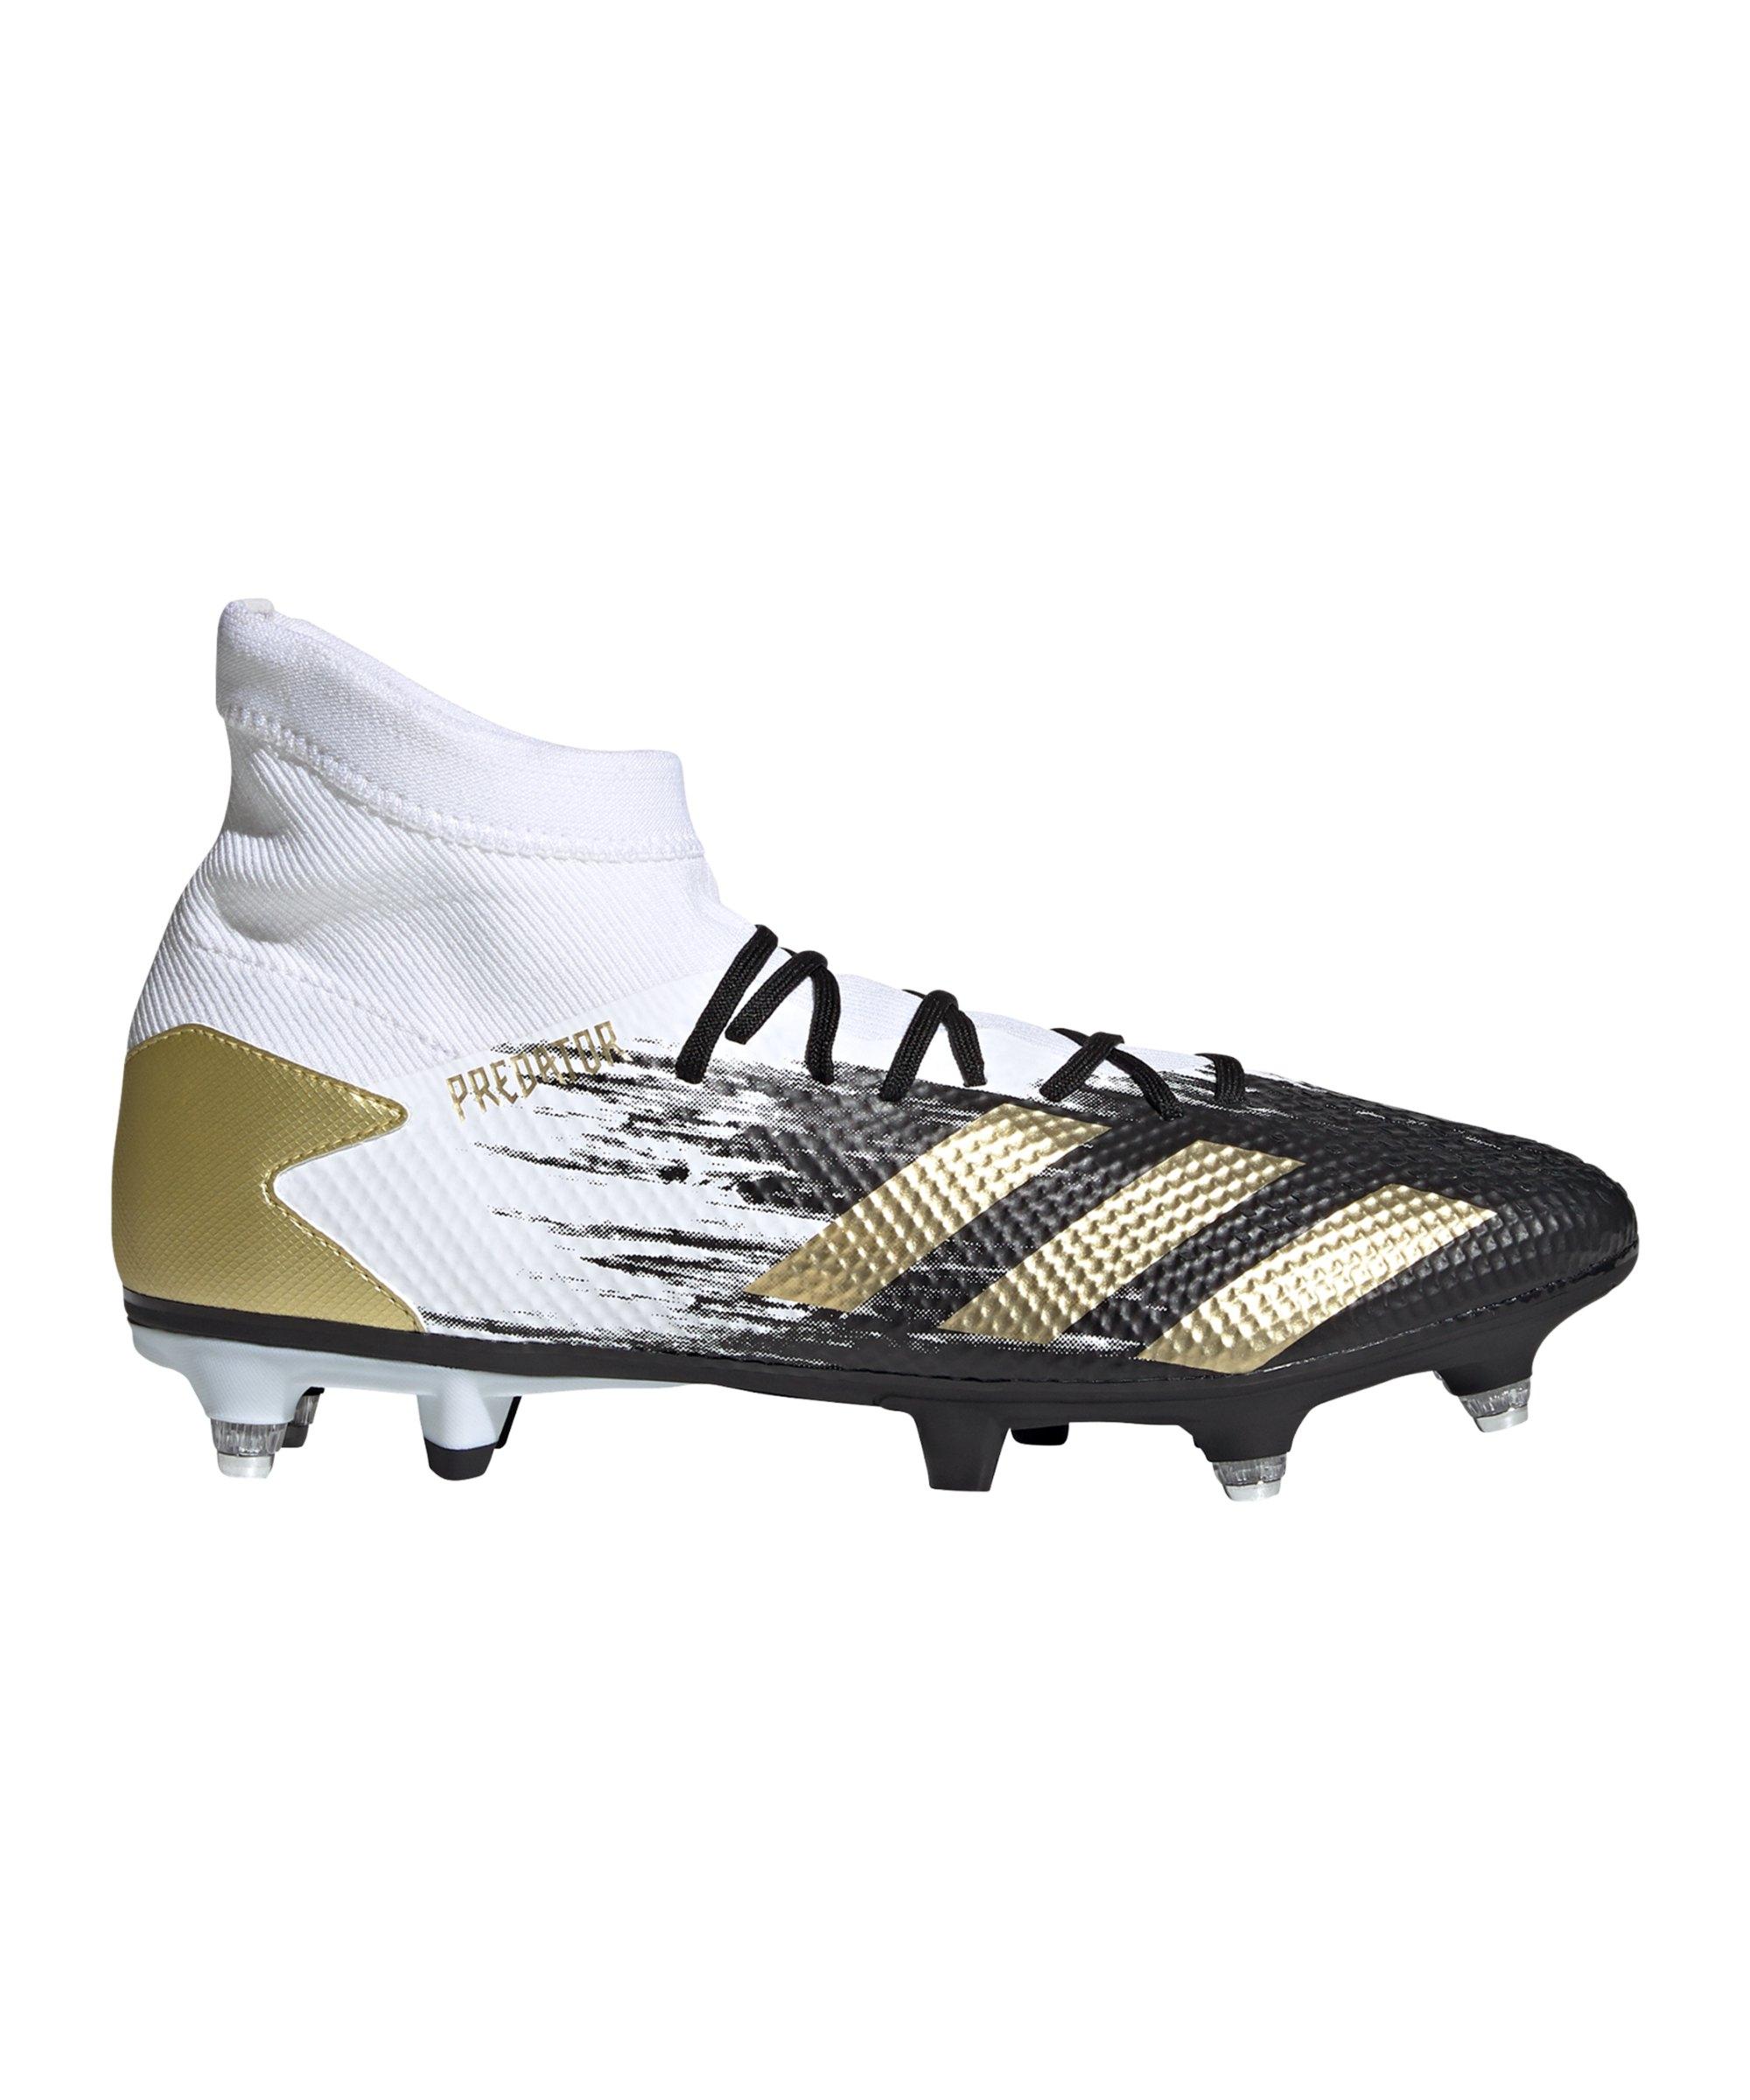 adidas Predator Inflight 20.3 SG Weiss Gold - weiss